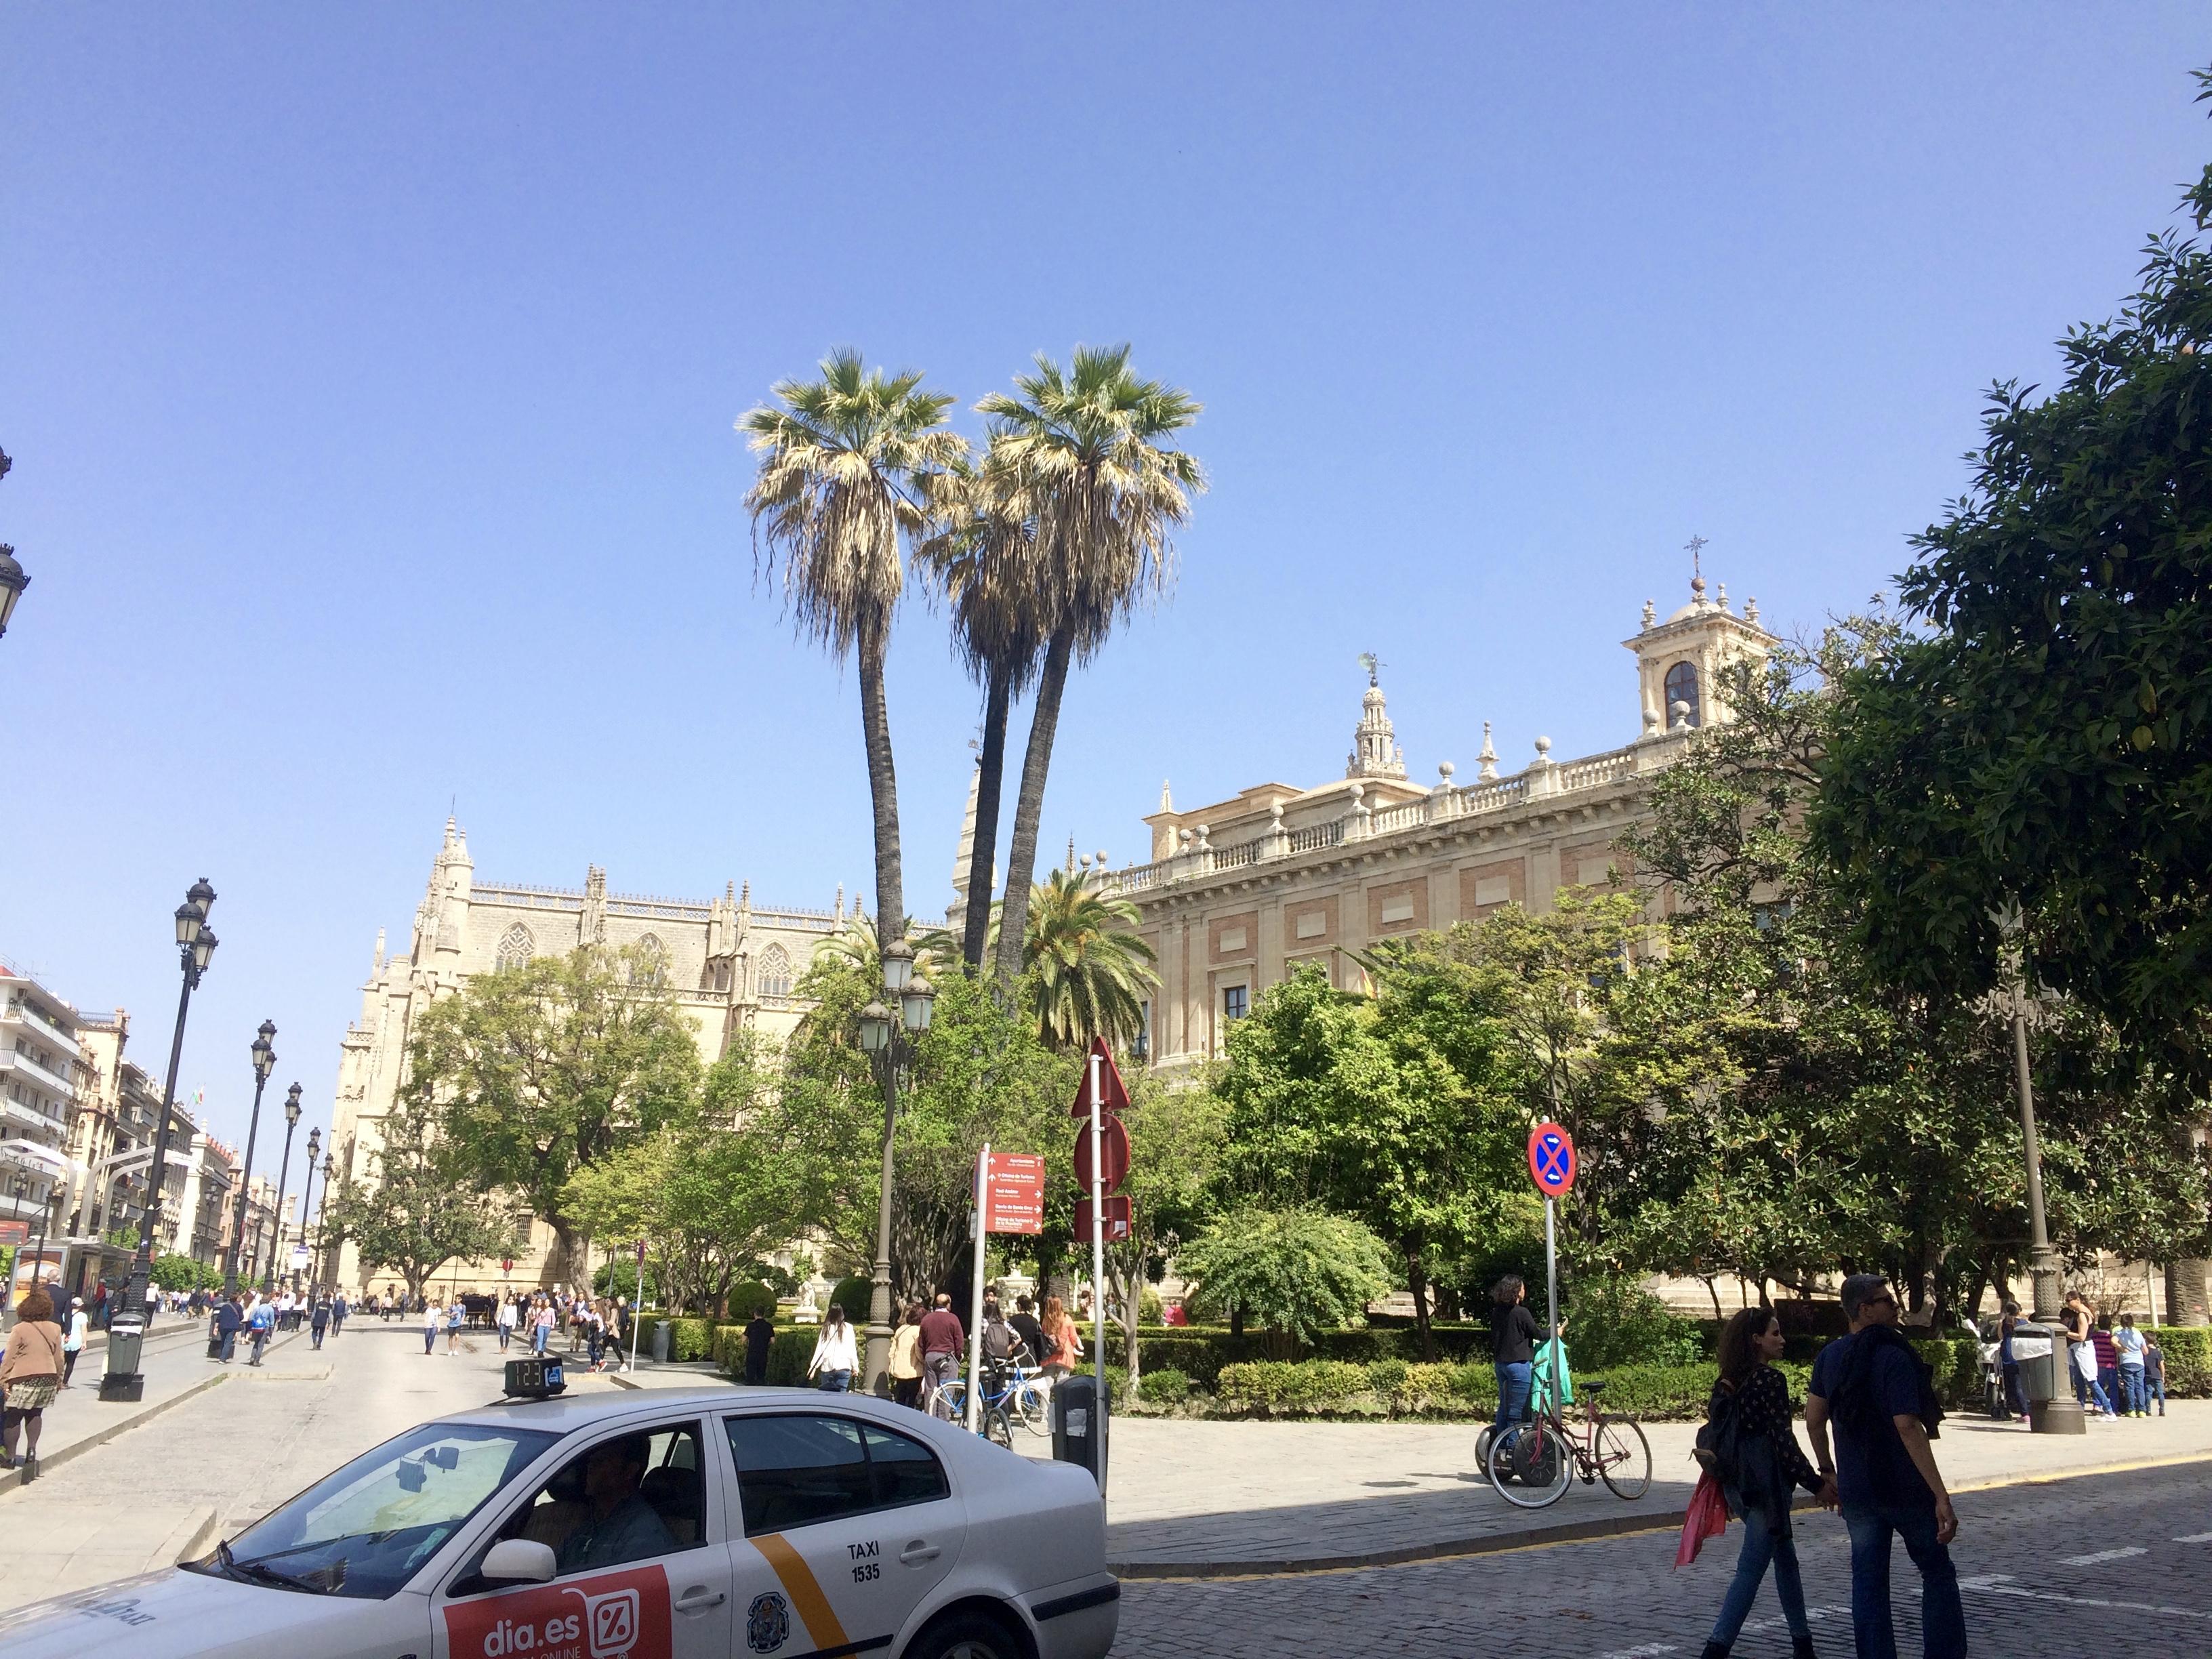 El Archivo de Indias y la Catedral